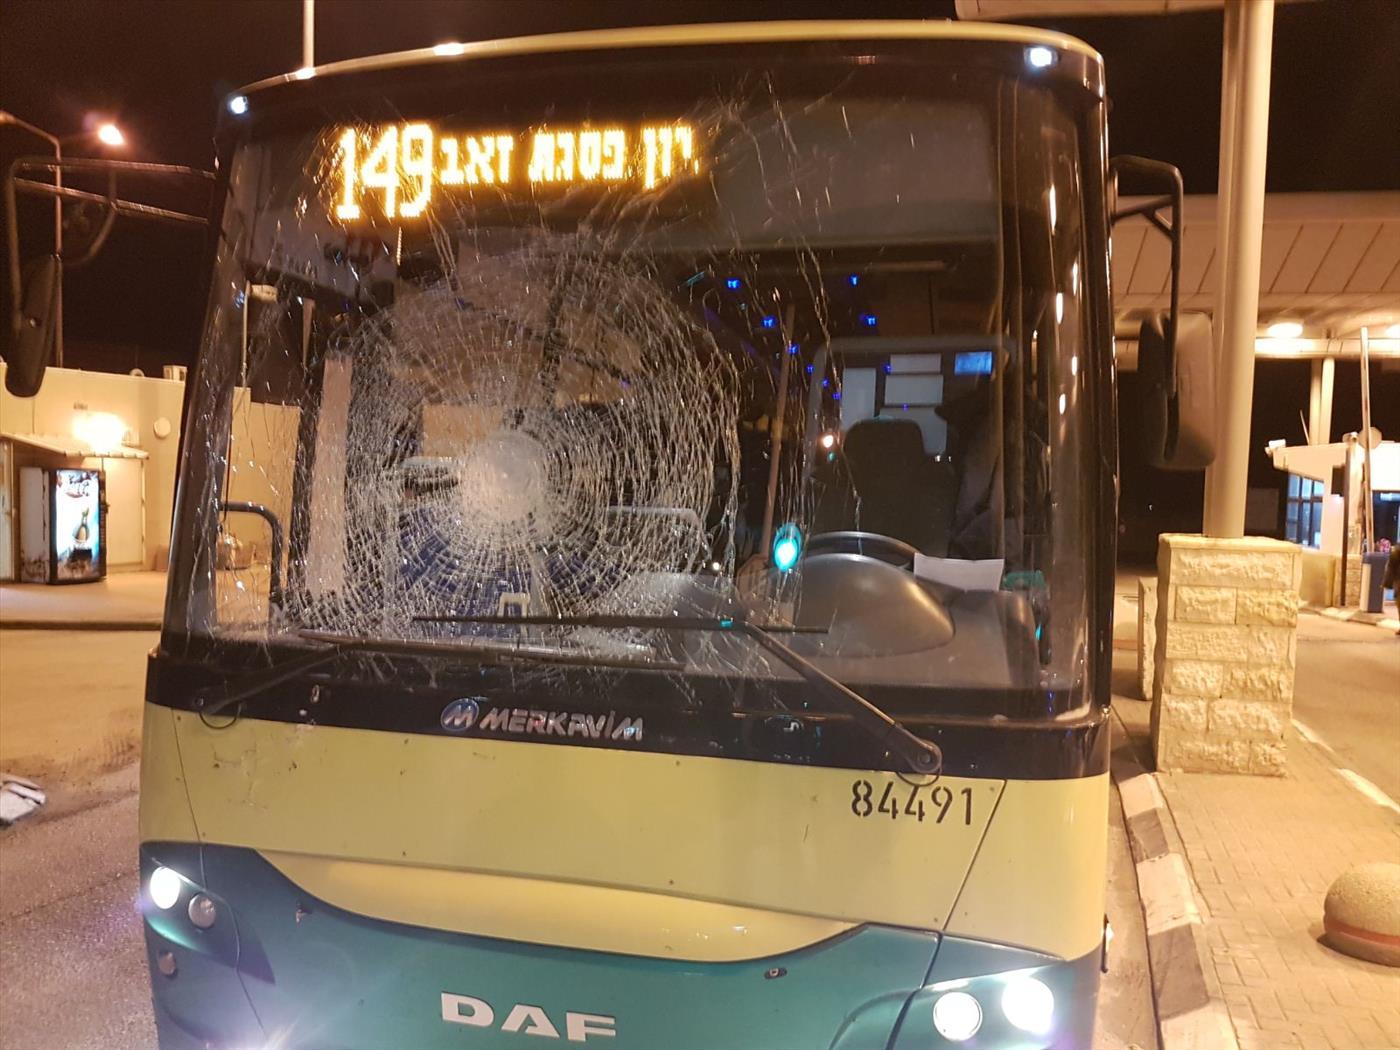 אוטובוס שנפגע מאבנים סמוך לענתות. צילום: אהוד אמיתון TPS